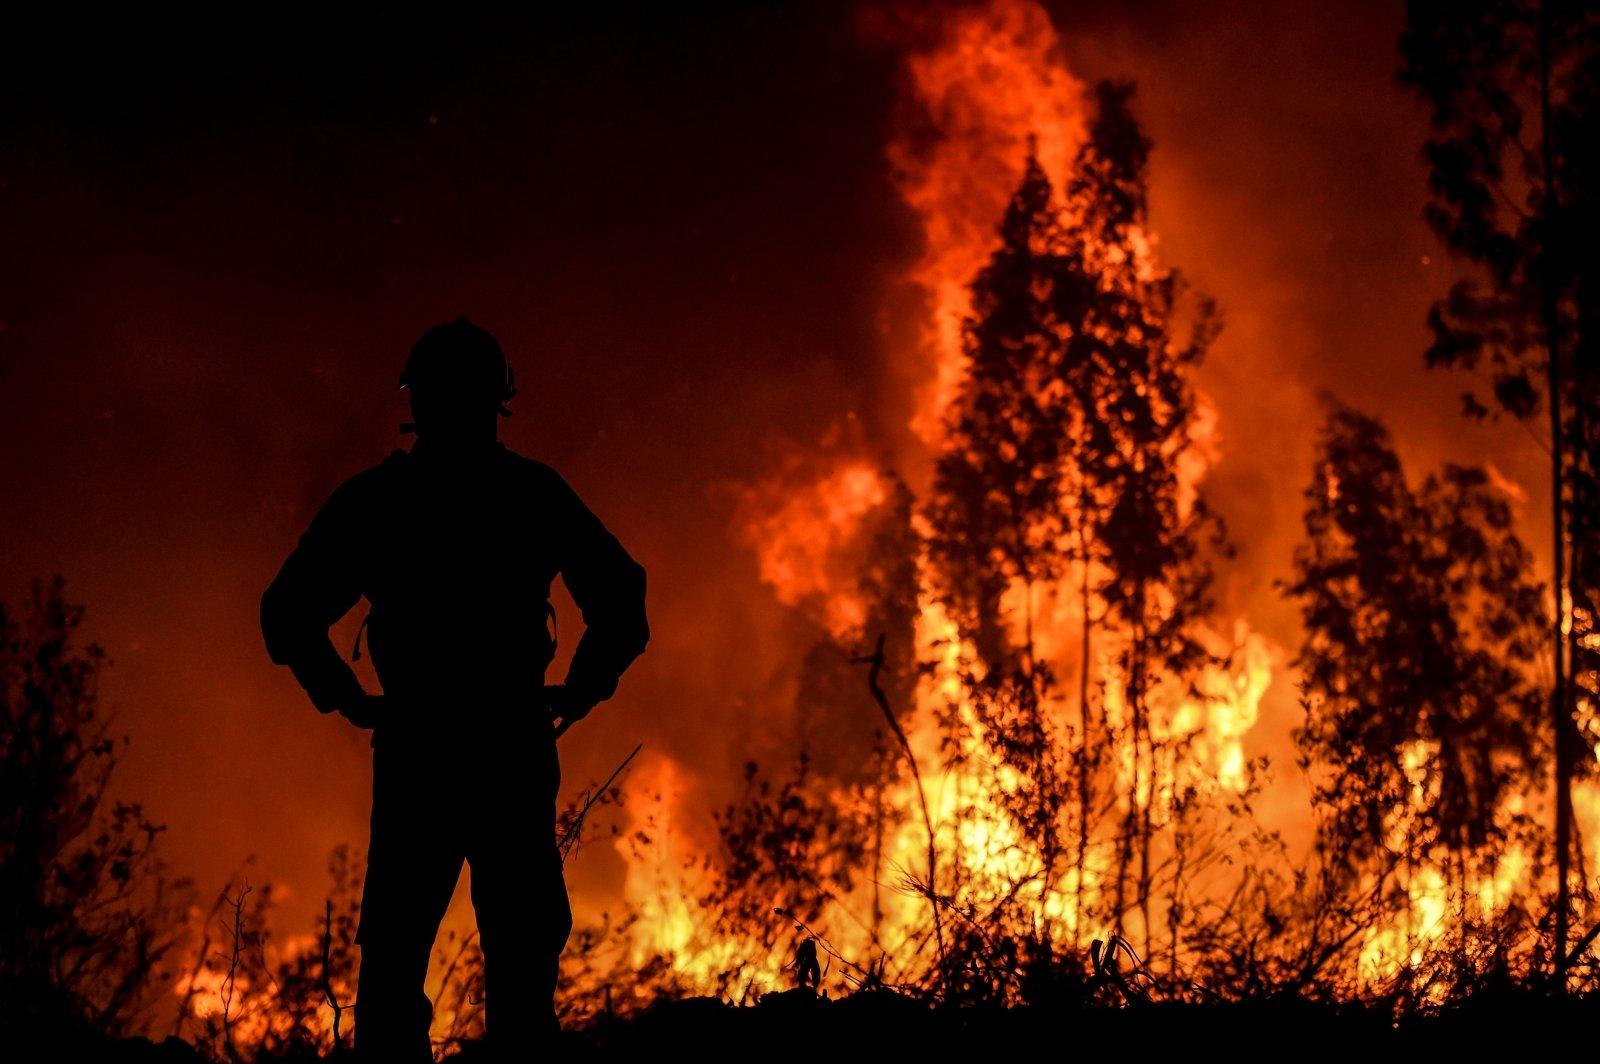 Сложная пожароопасная обстановка! Введён режим ограничения пребывания граждан в лесах!